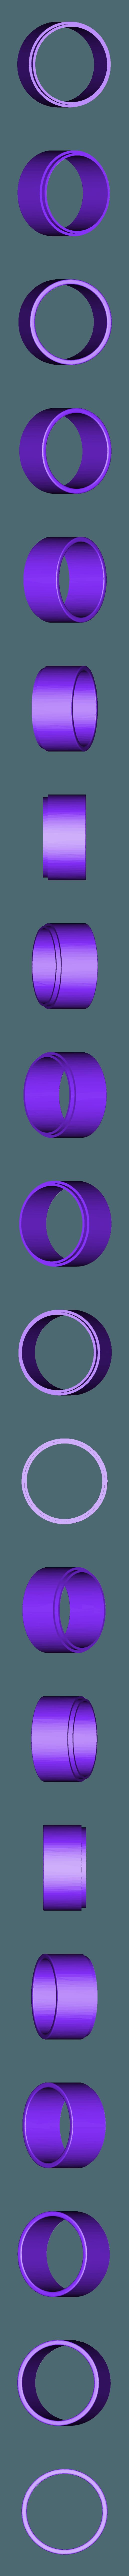 Top_two_tone_planter.stl Télécharger fichier STL gratuit Pot de fleur bicolore • Plan pour imprimante 3D, Kiwi3D